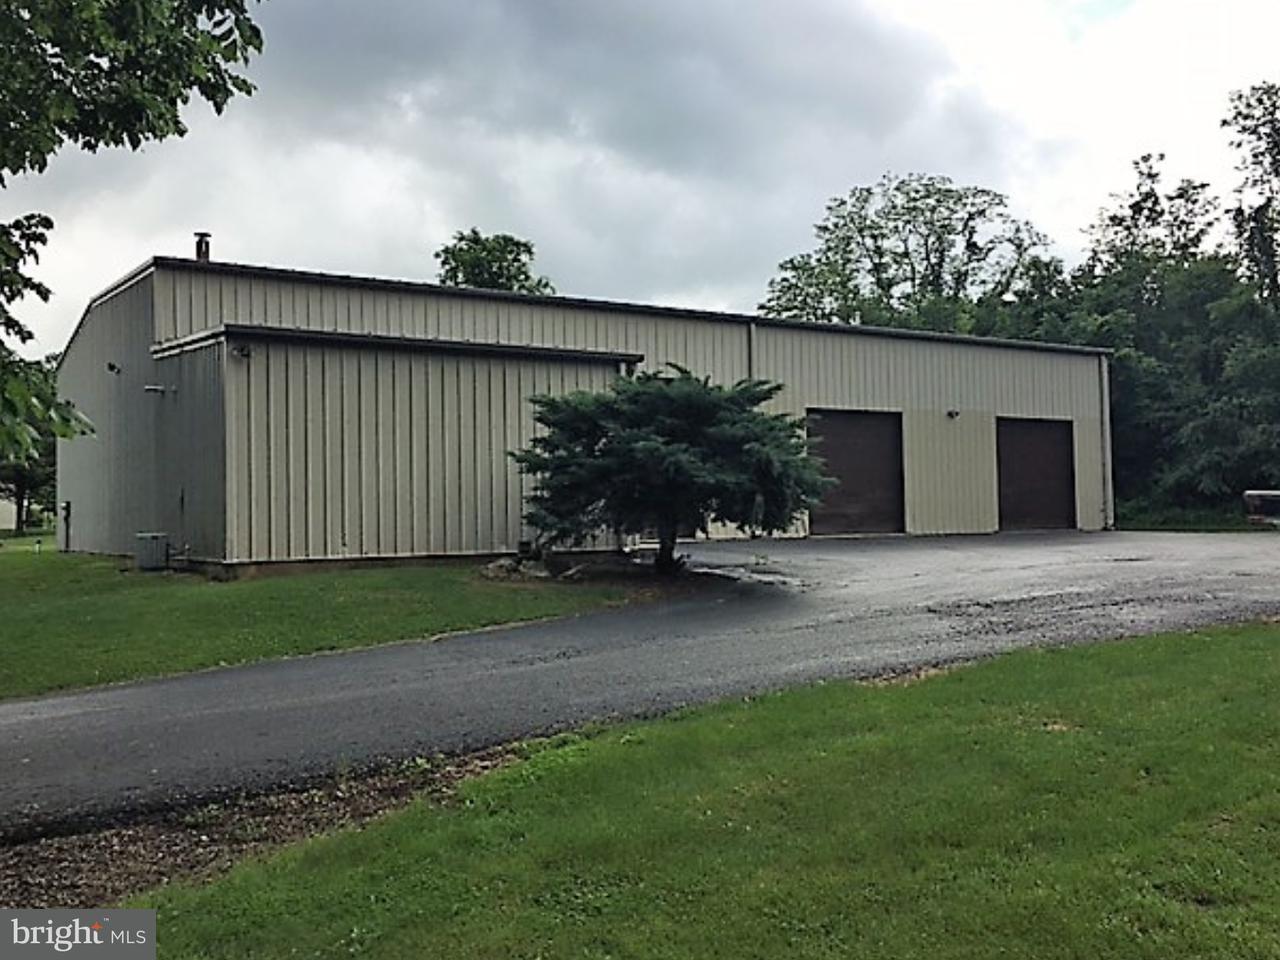 独户住宅 为 销售 在 1164 E KINGS HWY 科茨威尔, 宾夕法尼亚州 19320 美国